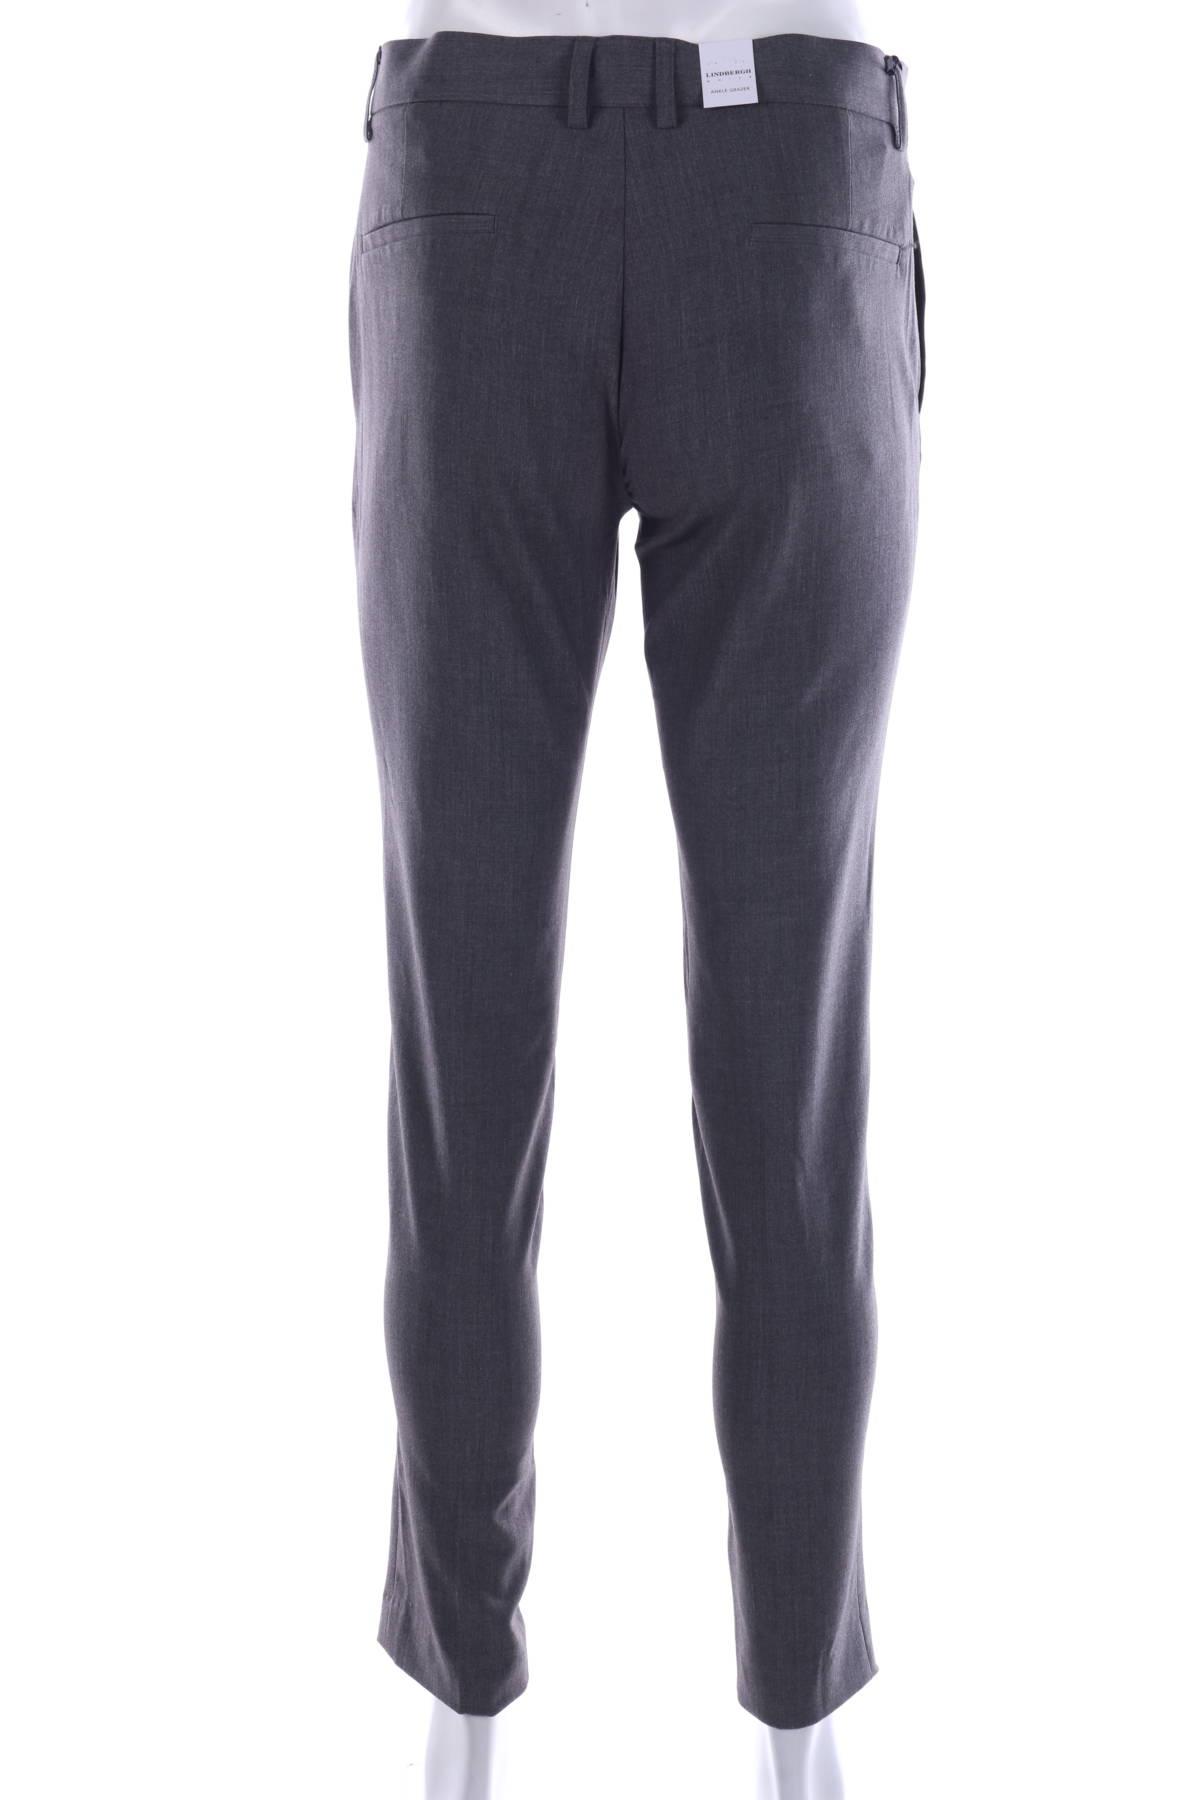 Официален панталон LINDBERGH2